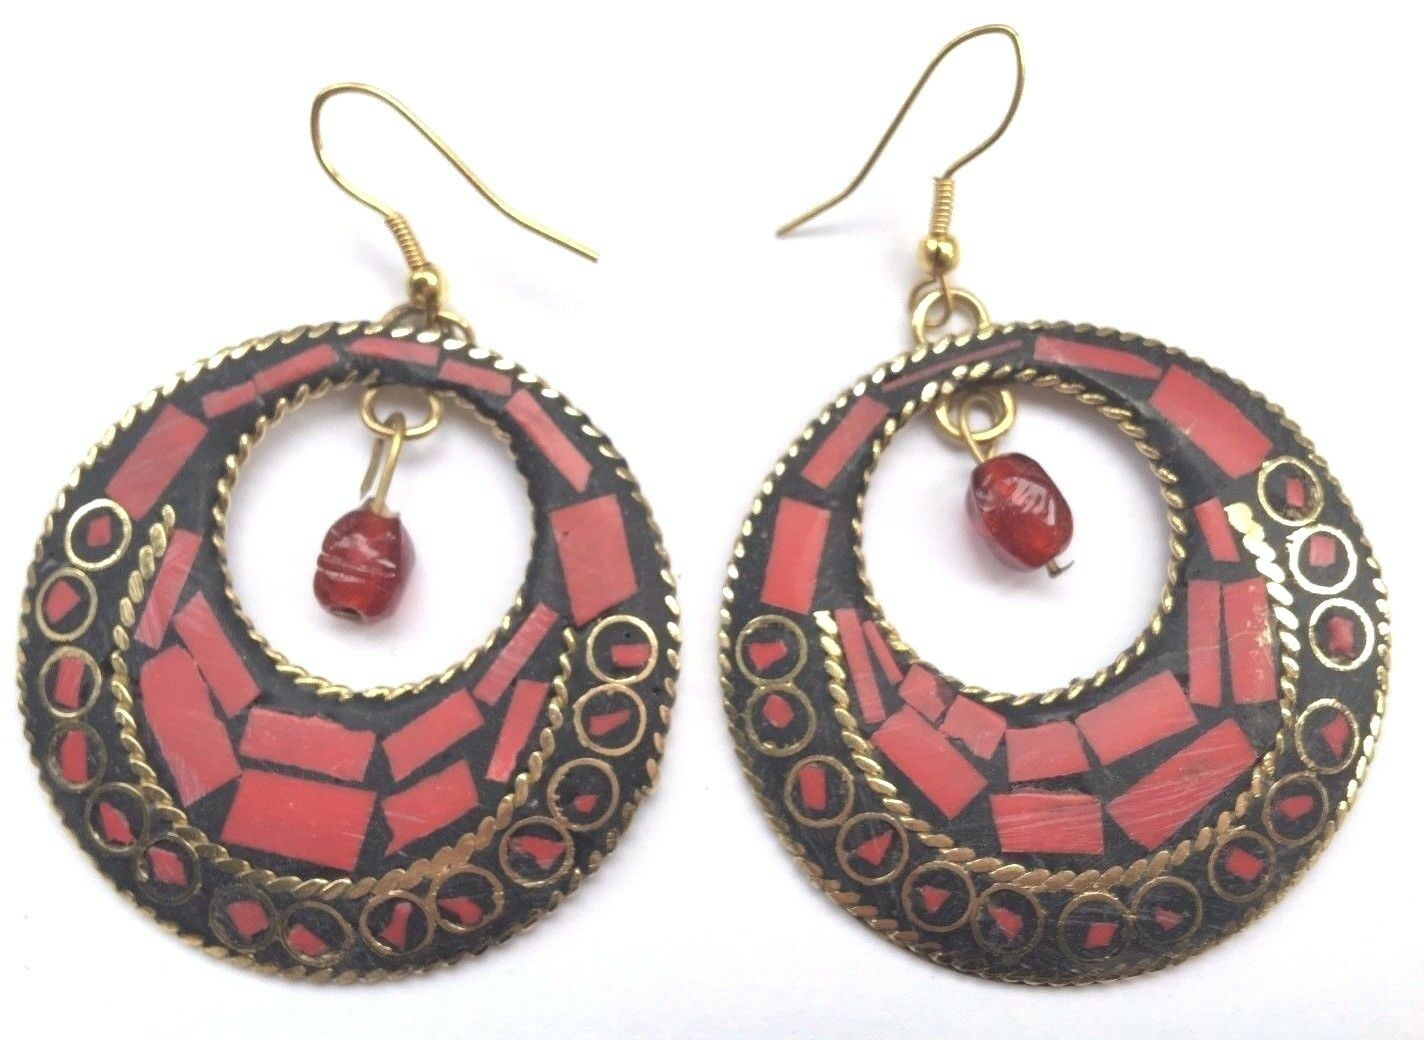 Bohocoho Peculiar Boho Gitano 70s Estilo Rojo Mosaico Colgantes Pendientes de aro